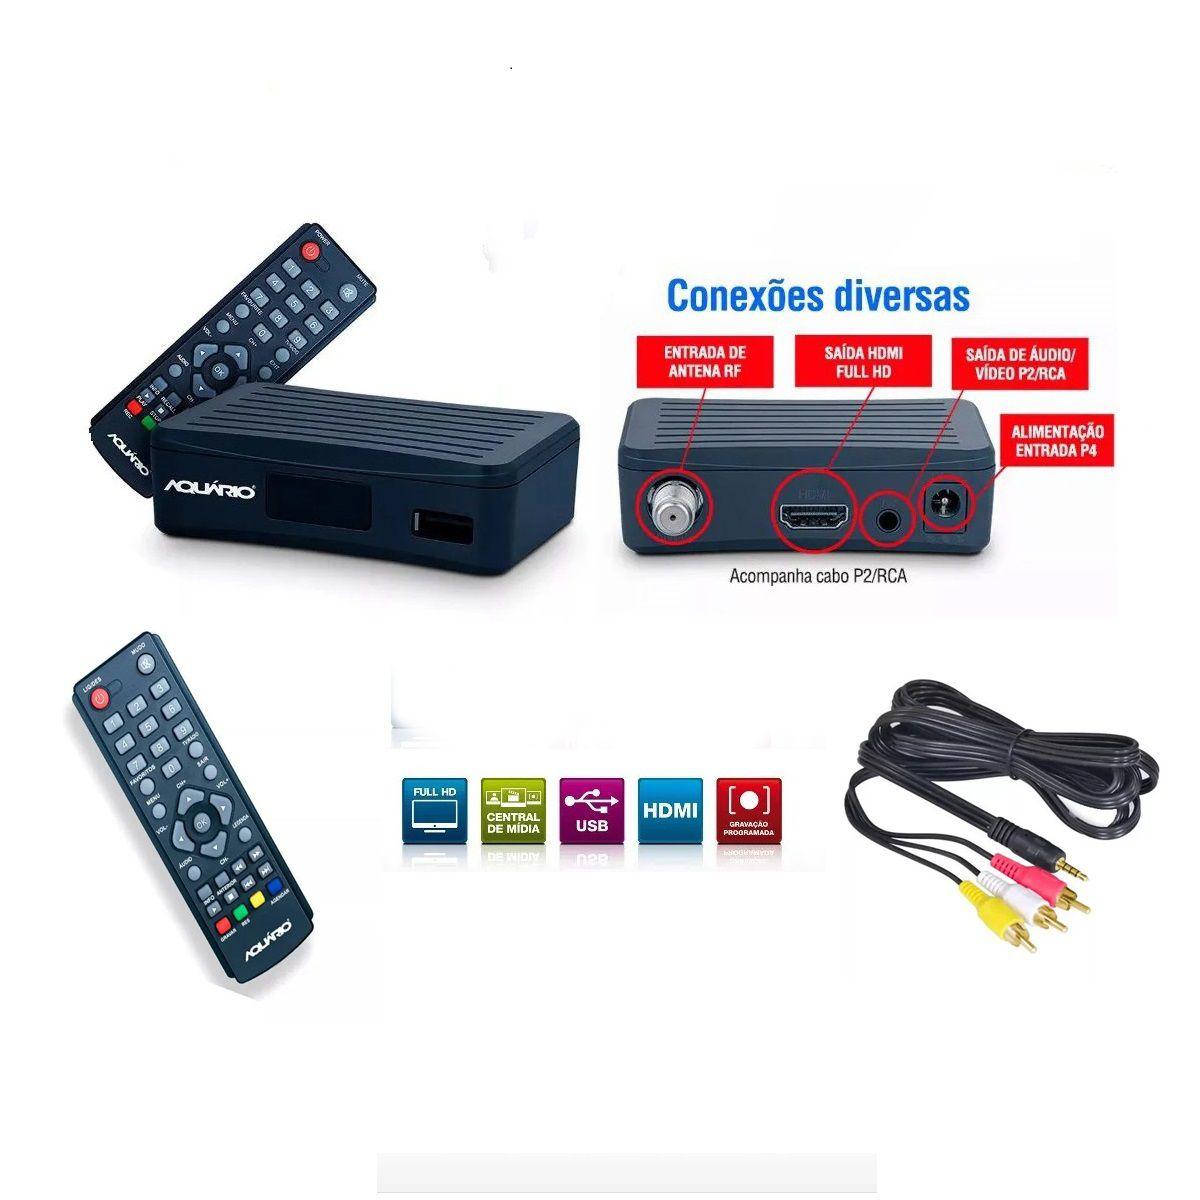 DTV-4000 Conversor e Gravador Digital Mini de TV Full HD